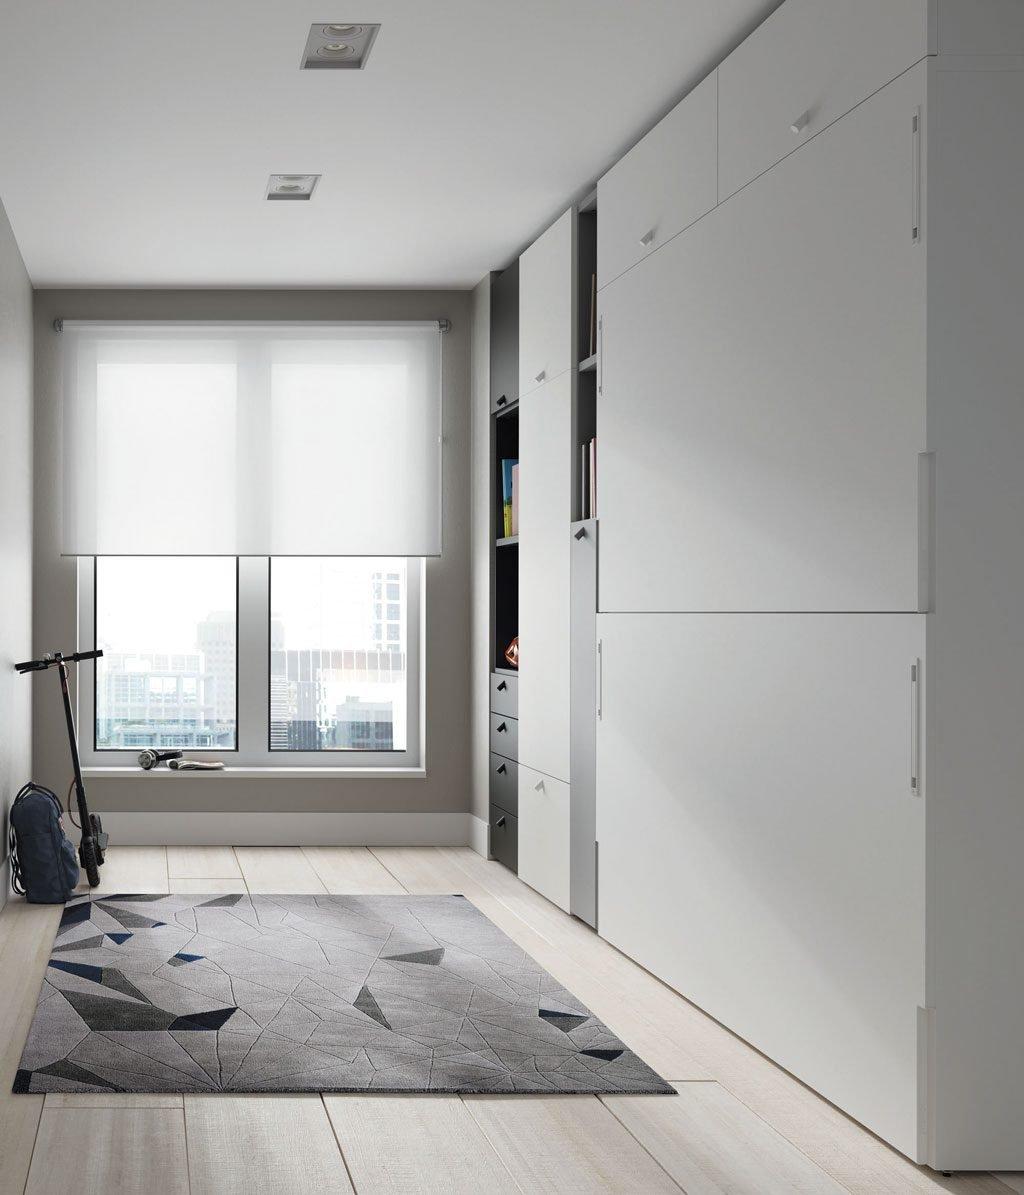 Habitación con una litera abatible integrada con el resto de muebles